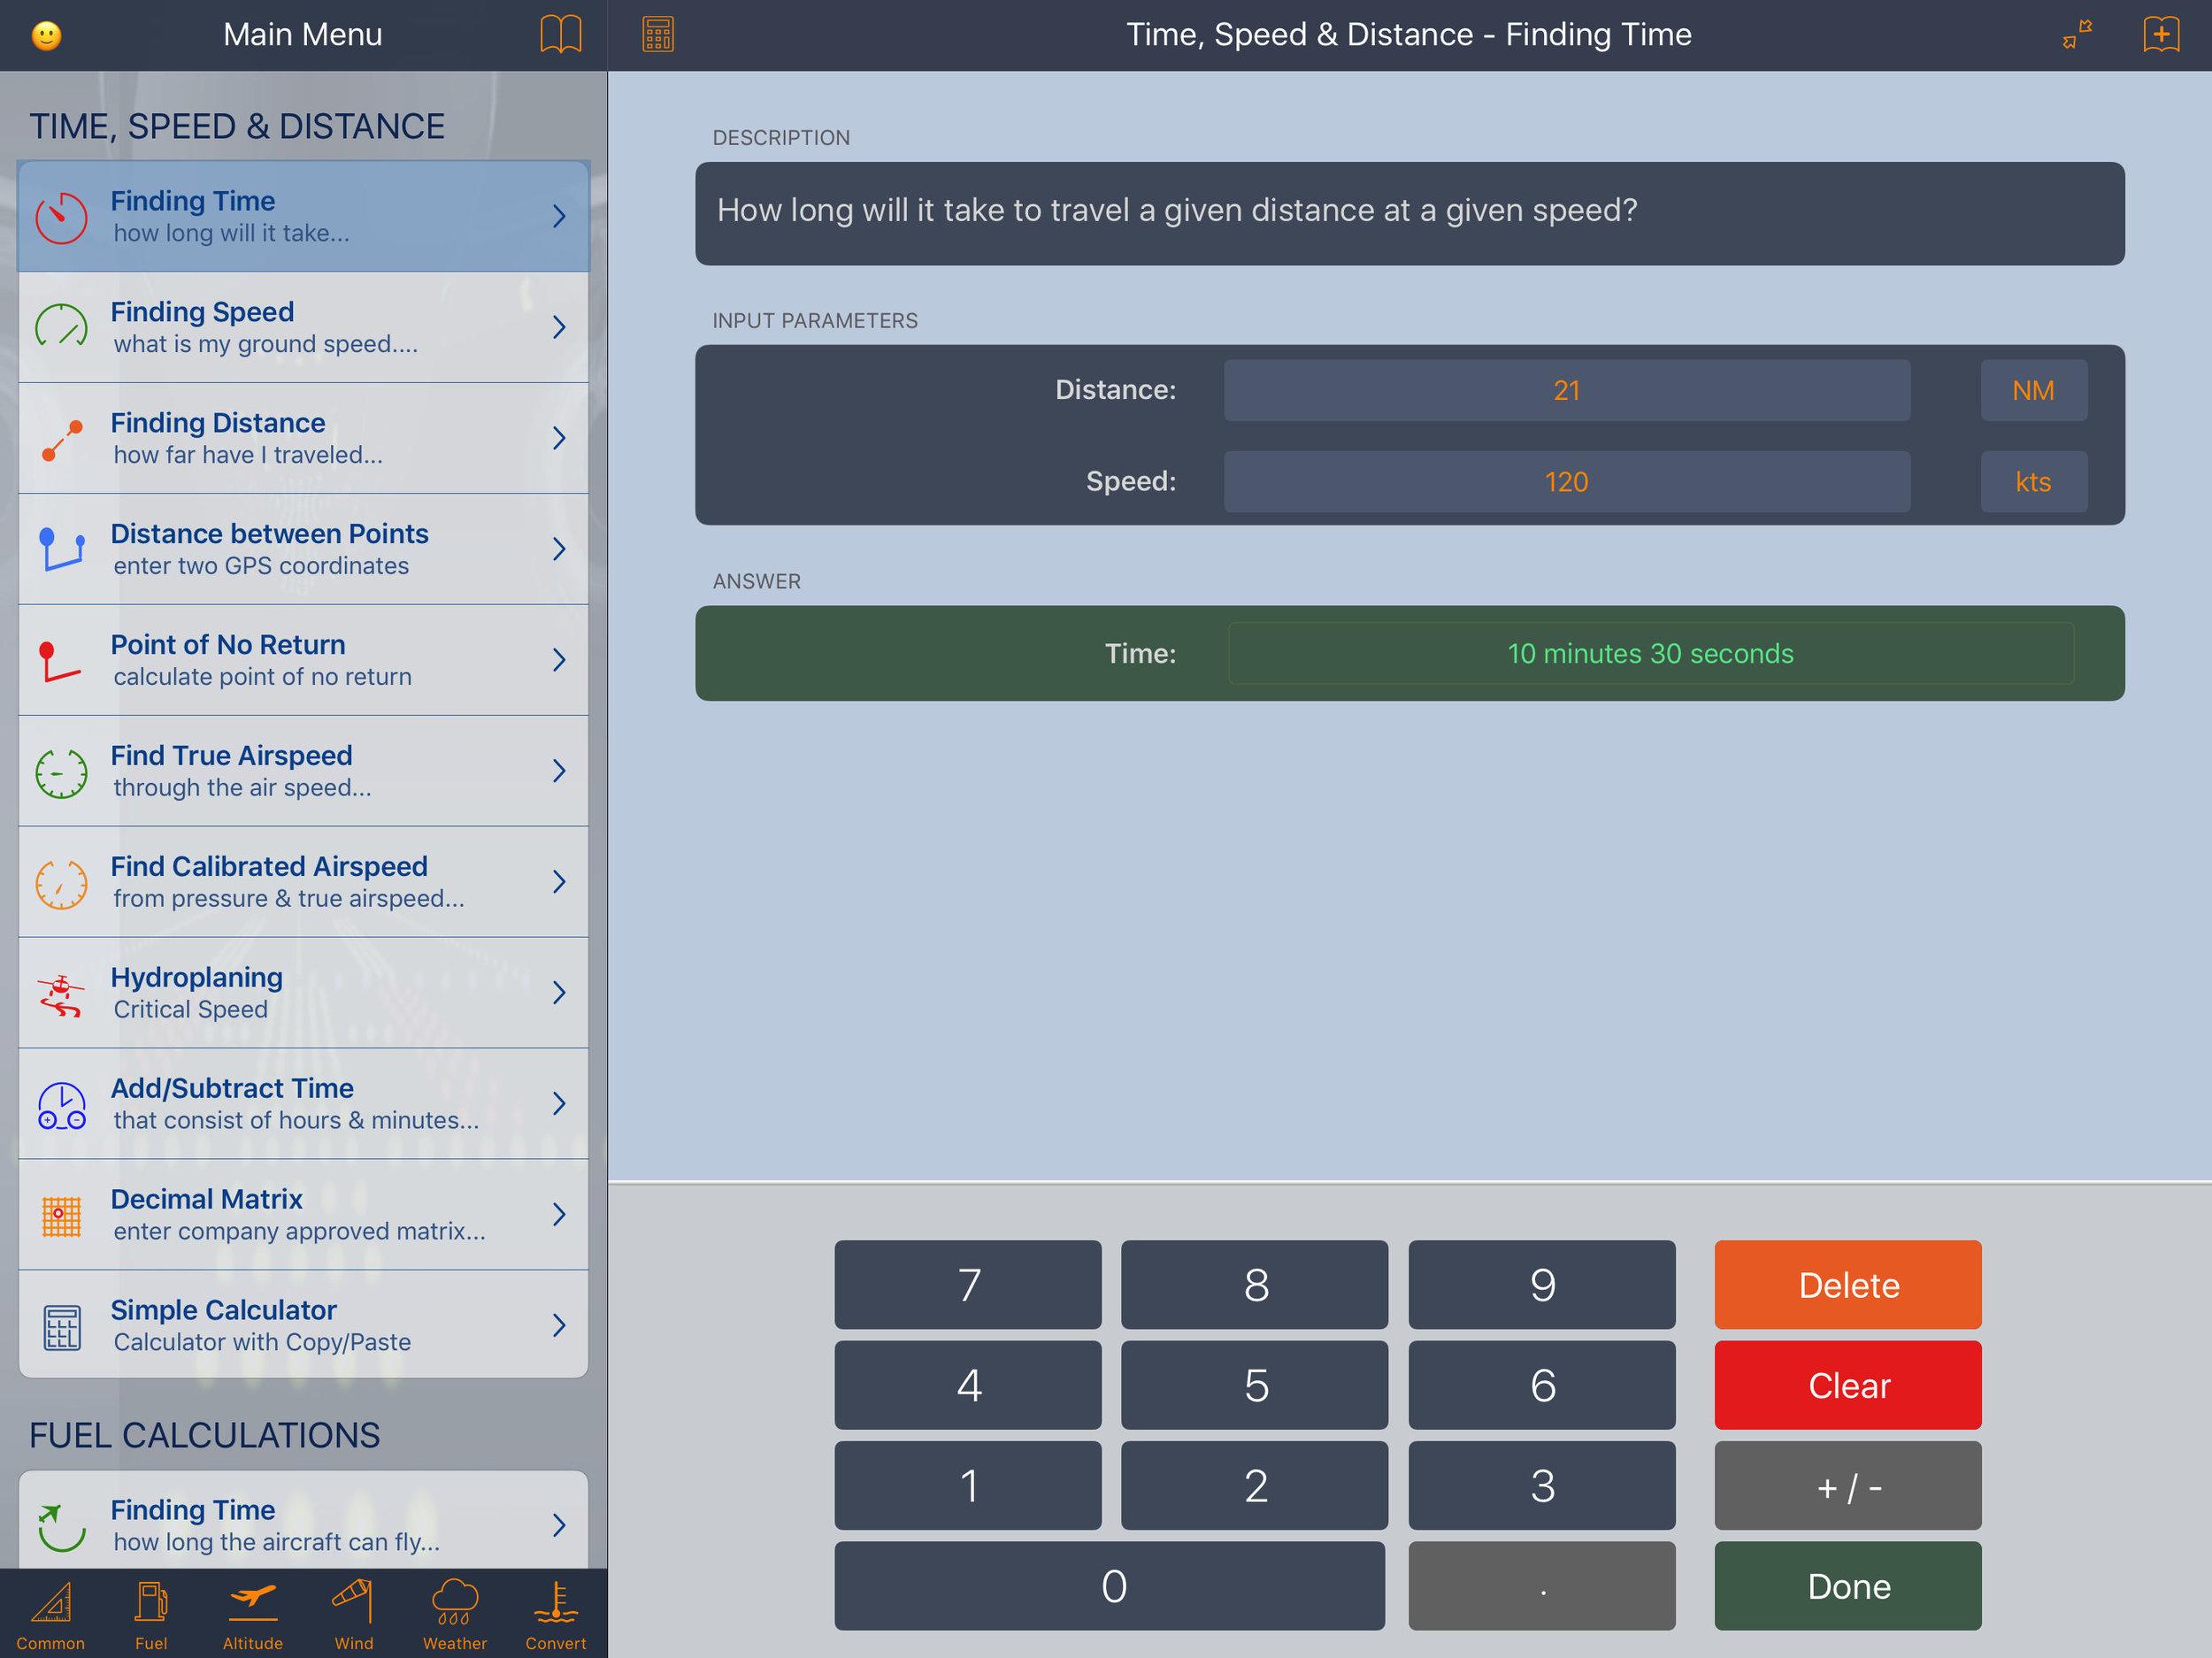 e6b-iPad-finding-time.jpg